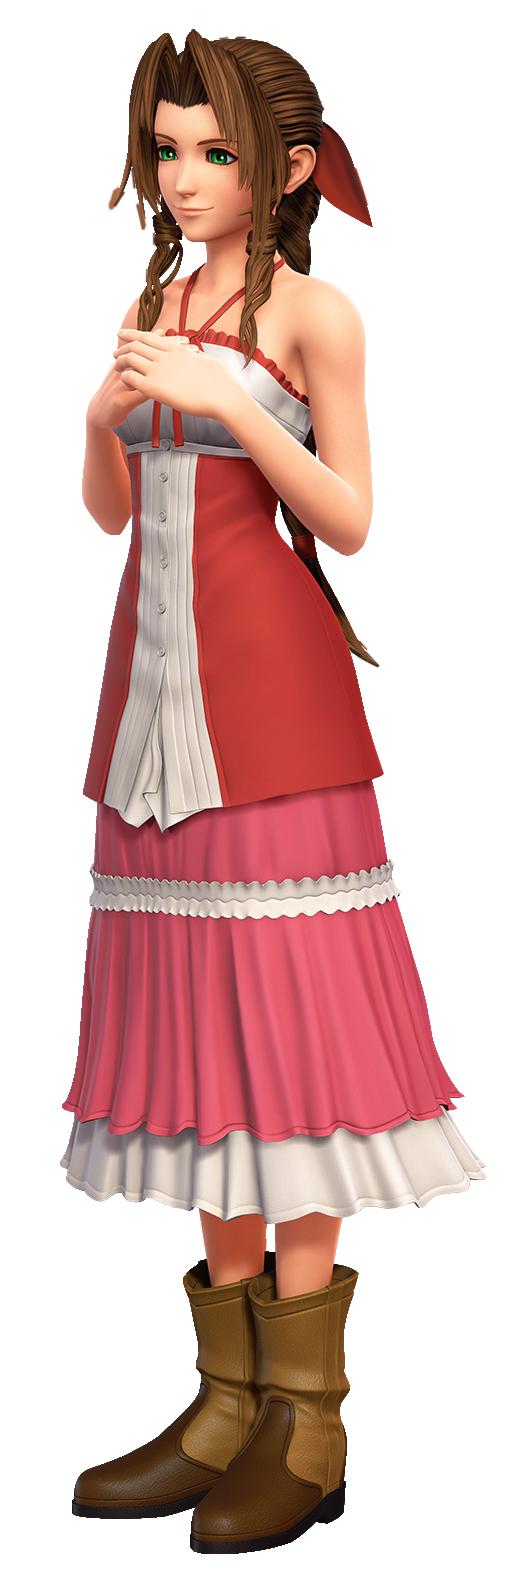 Aerith - Dissidia Final Fantasy Opera Omnia by FFSteF09 on